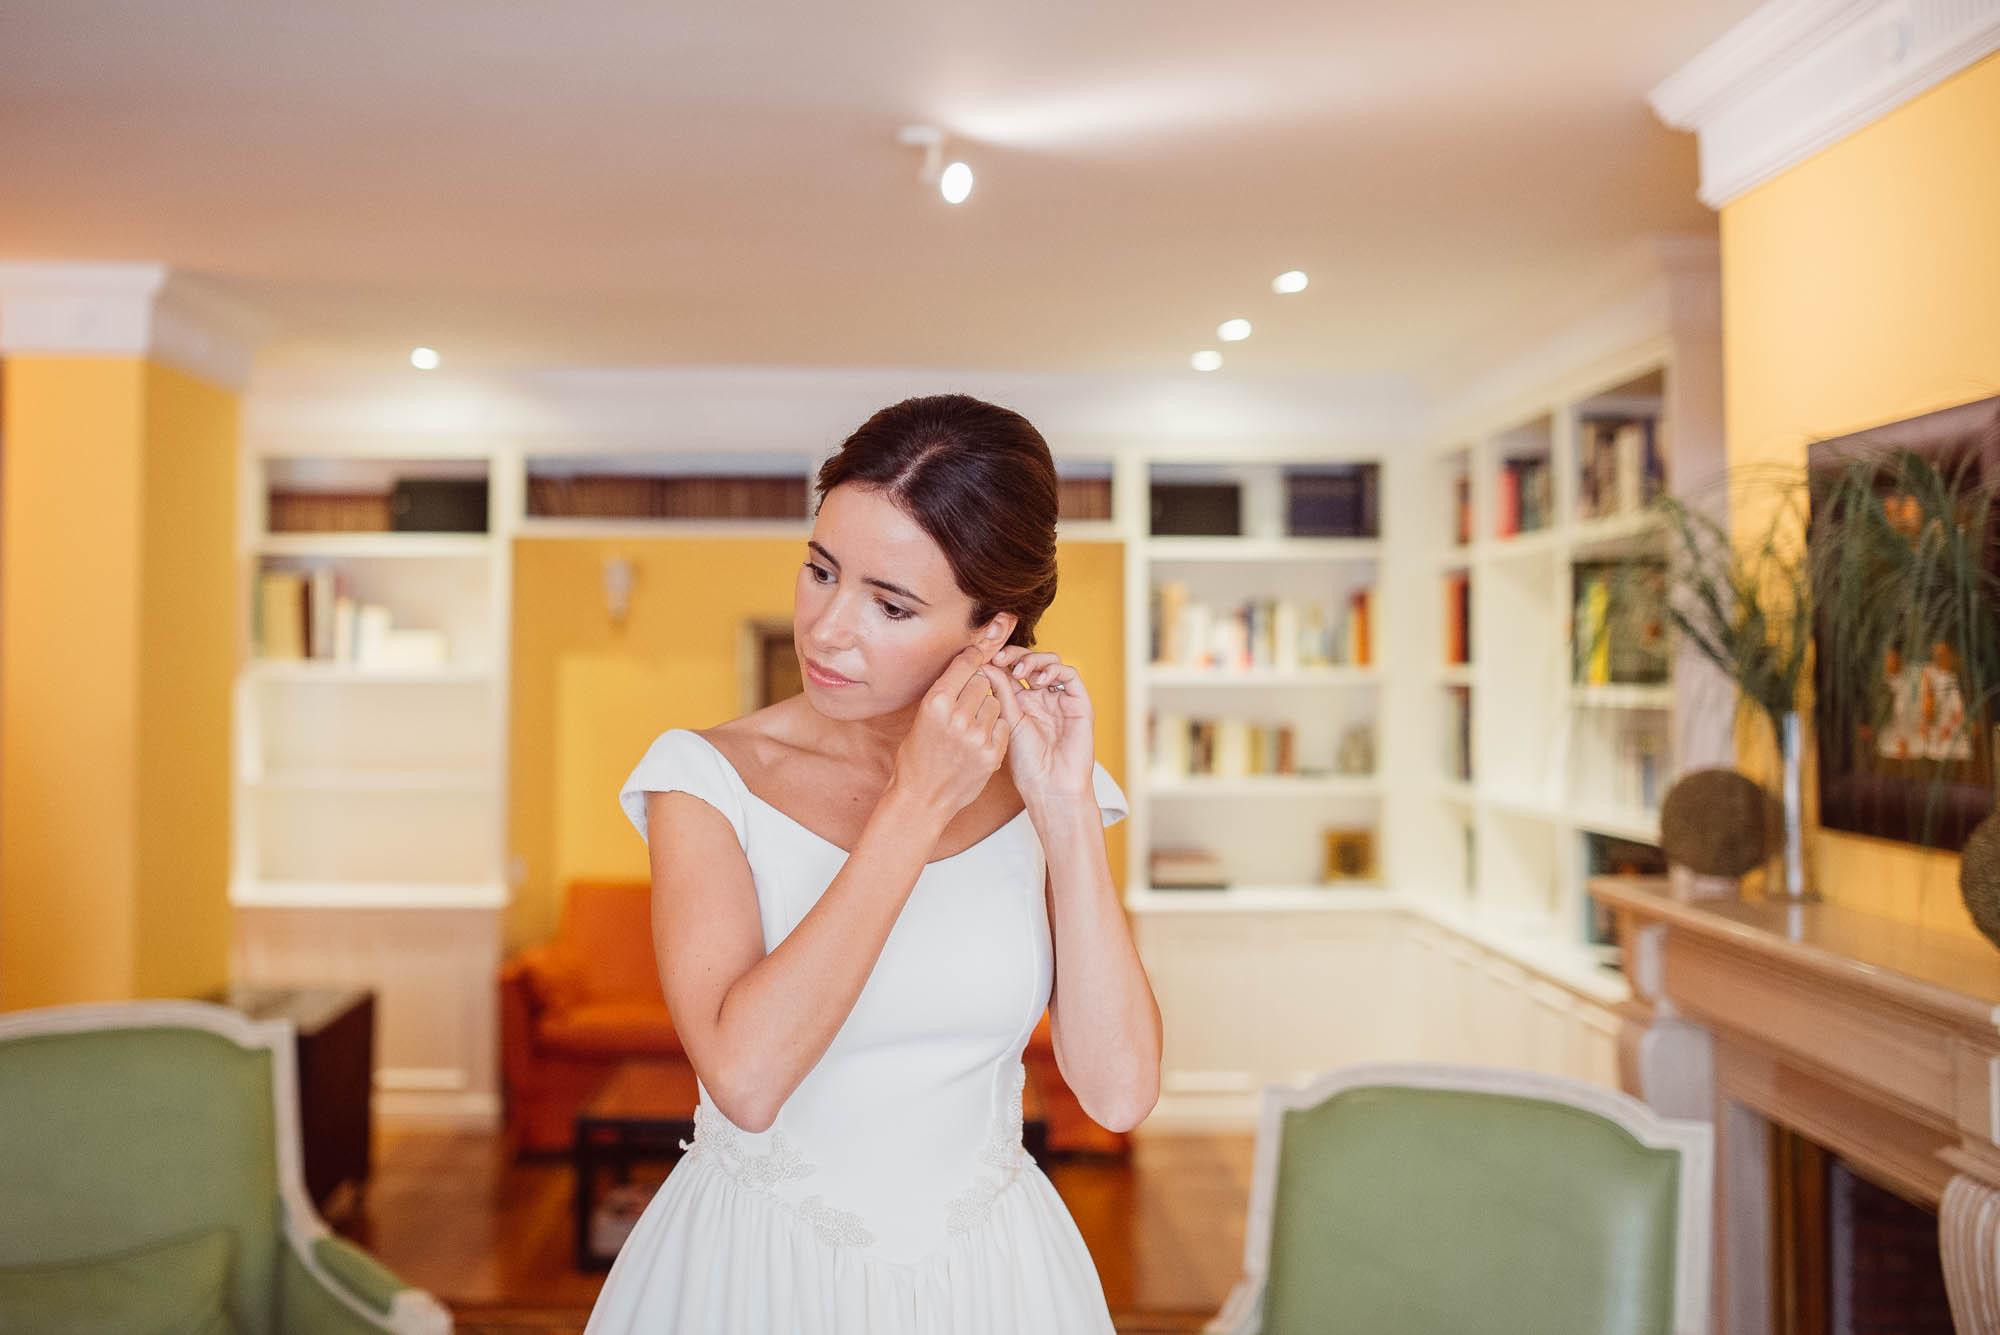 La novia se pone los pendientes en el salón de la casa